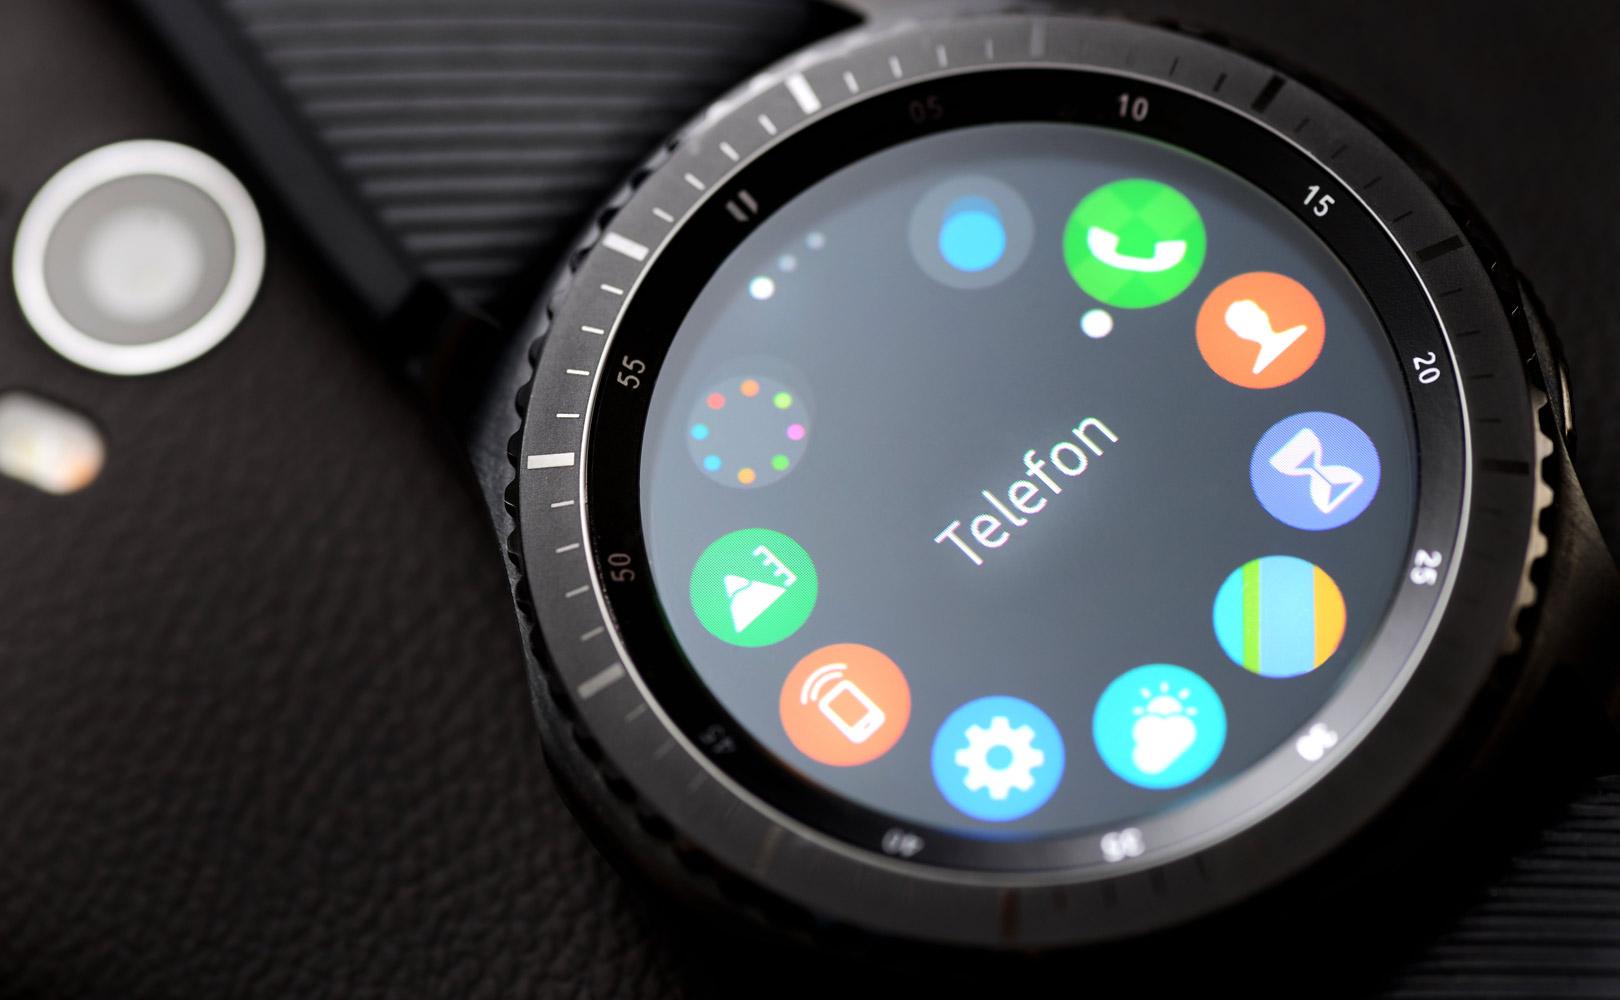 zegarek smartwatch na ktorym mozna czytac maile